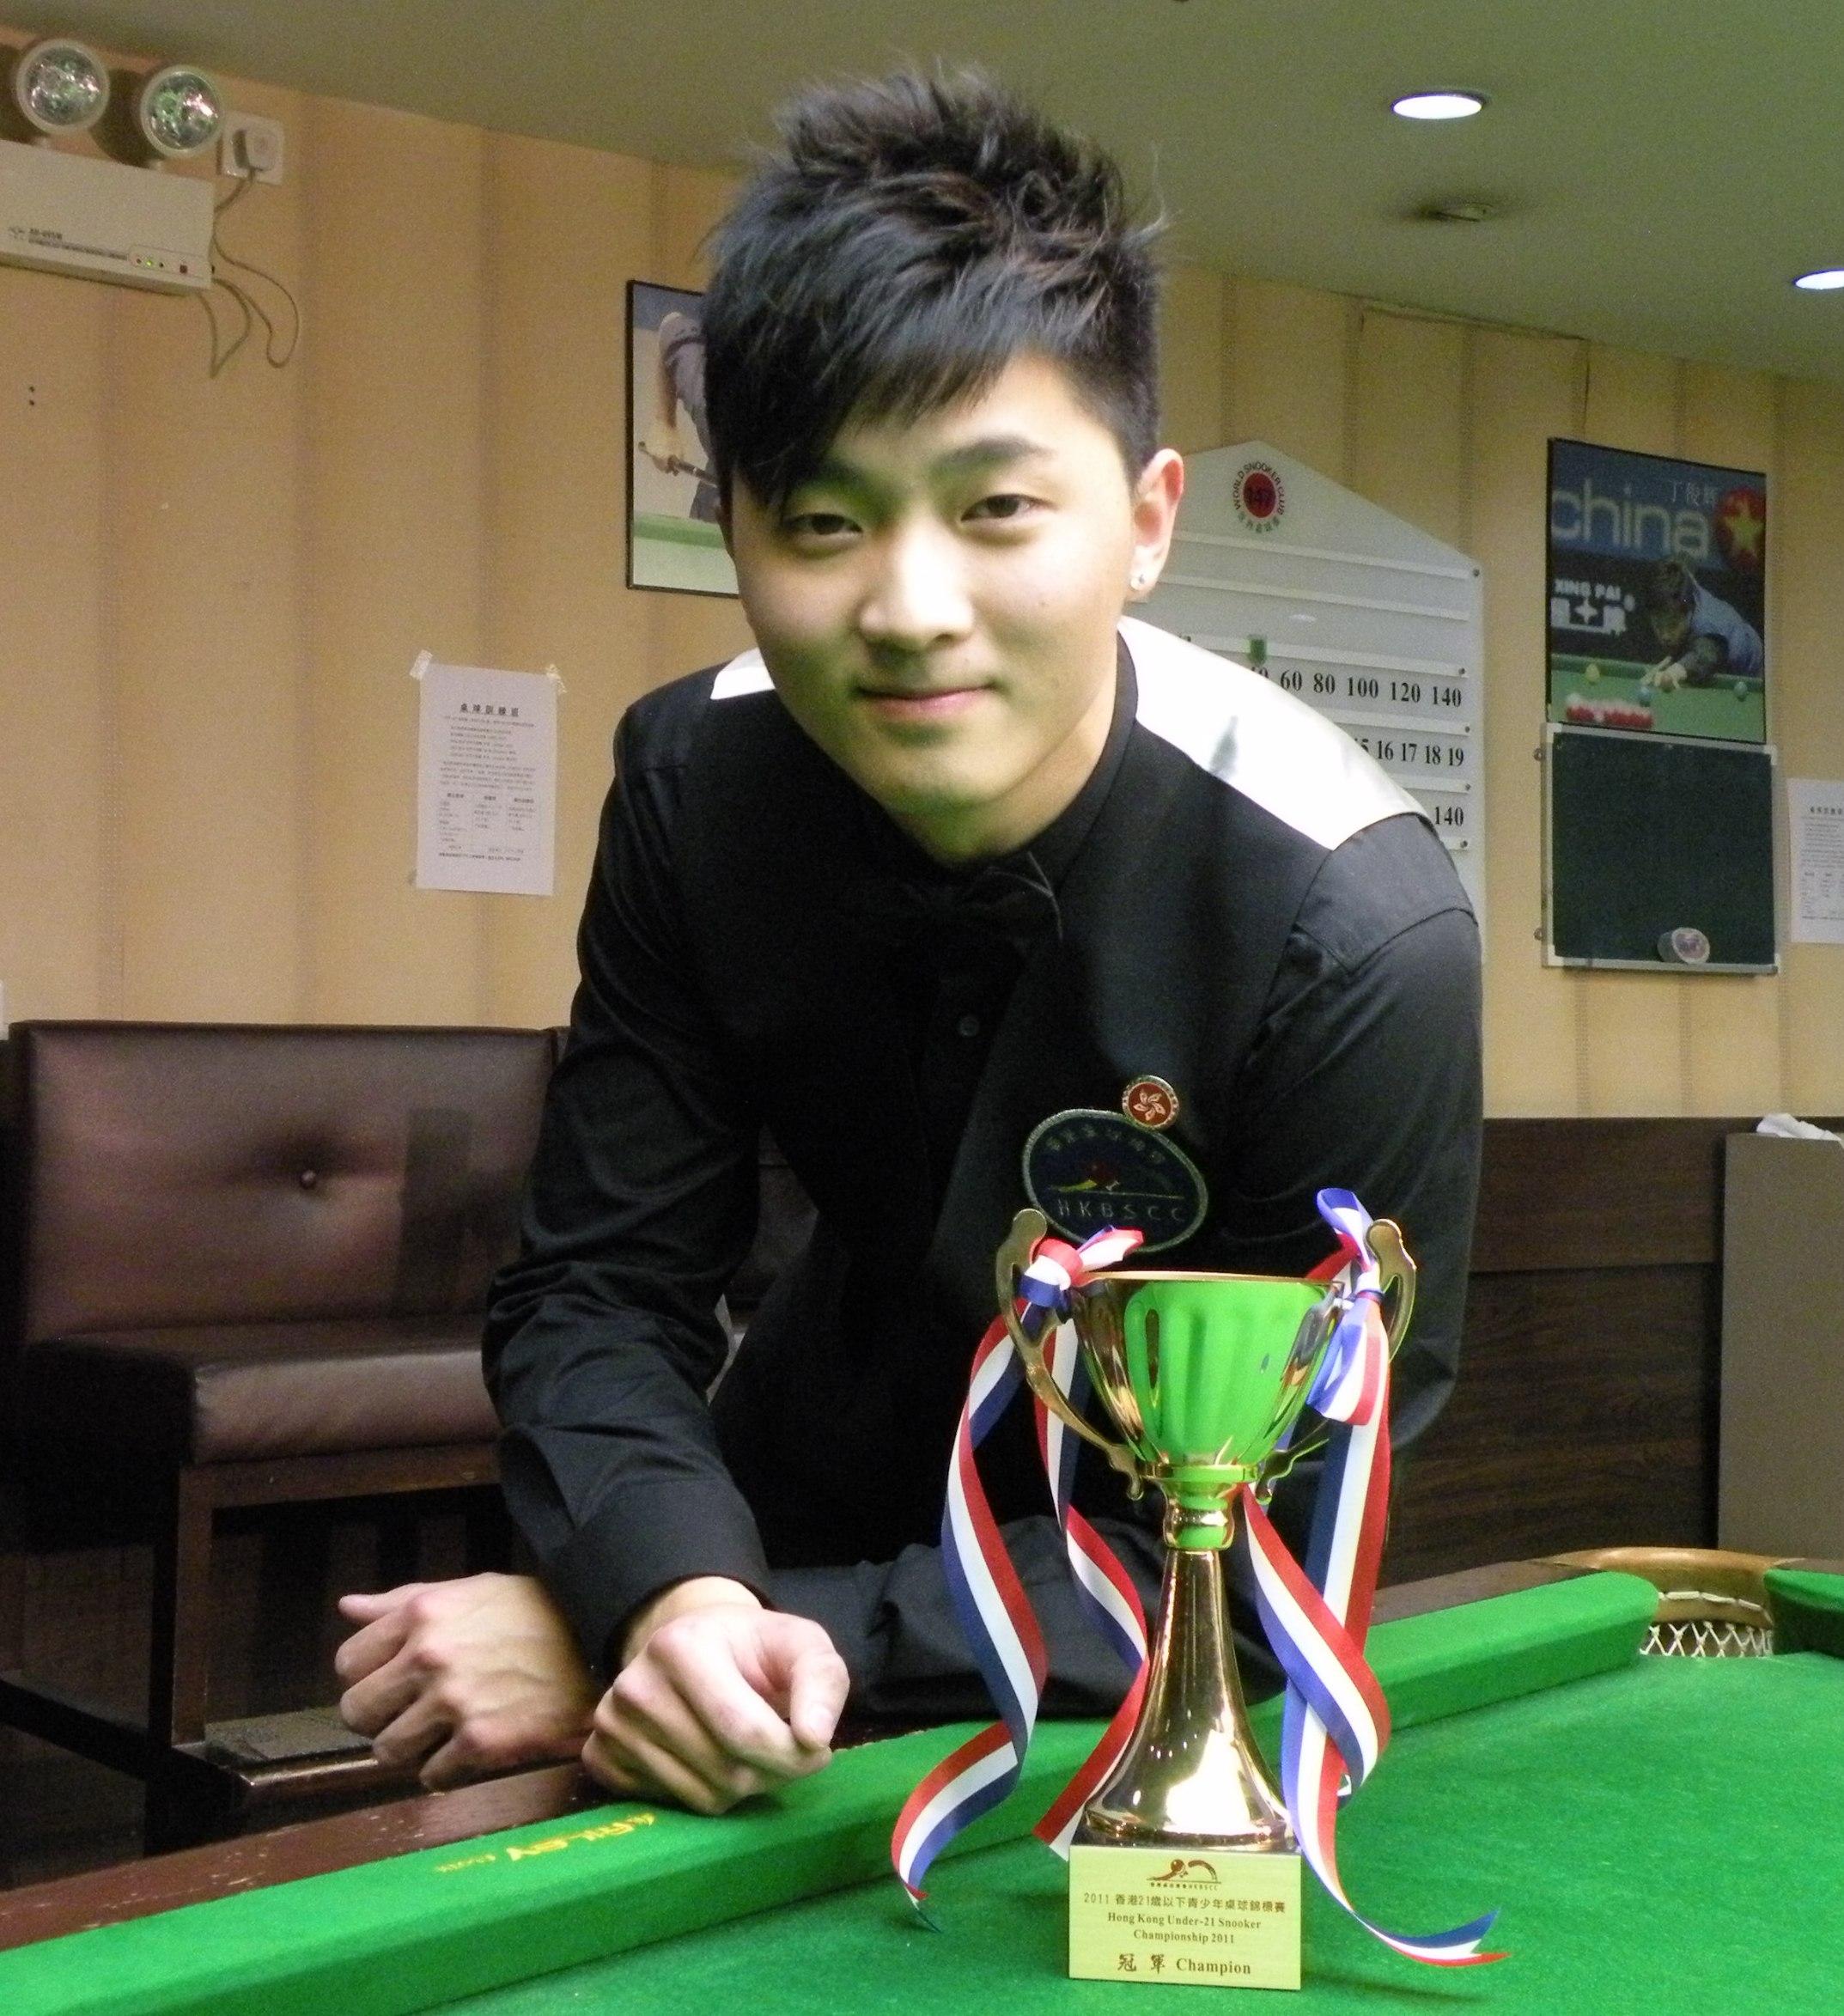 冠軍 Champion : 李士民 Simon Lee